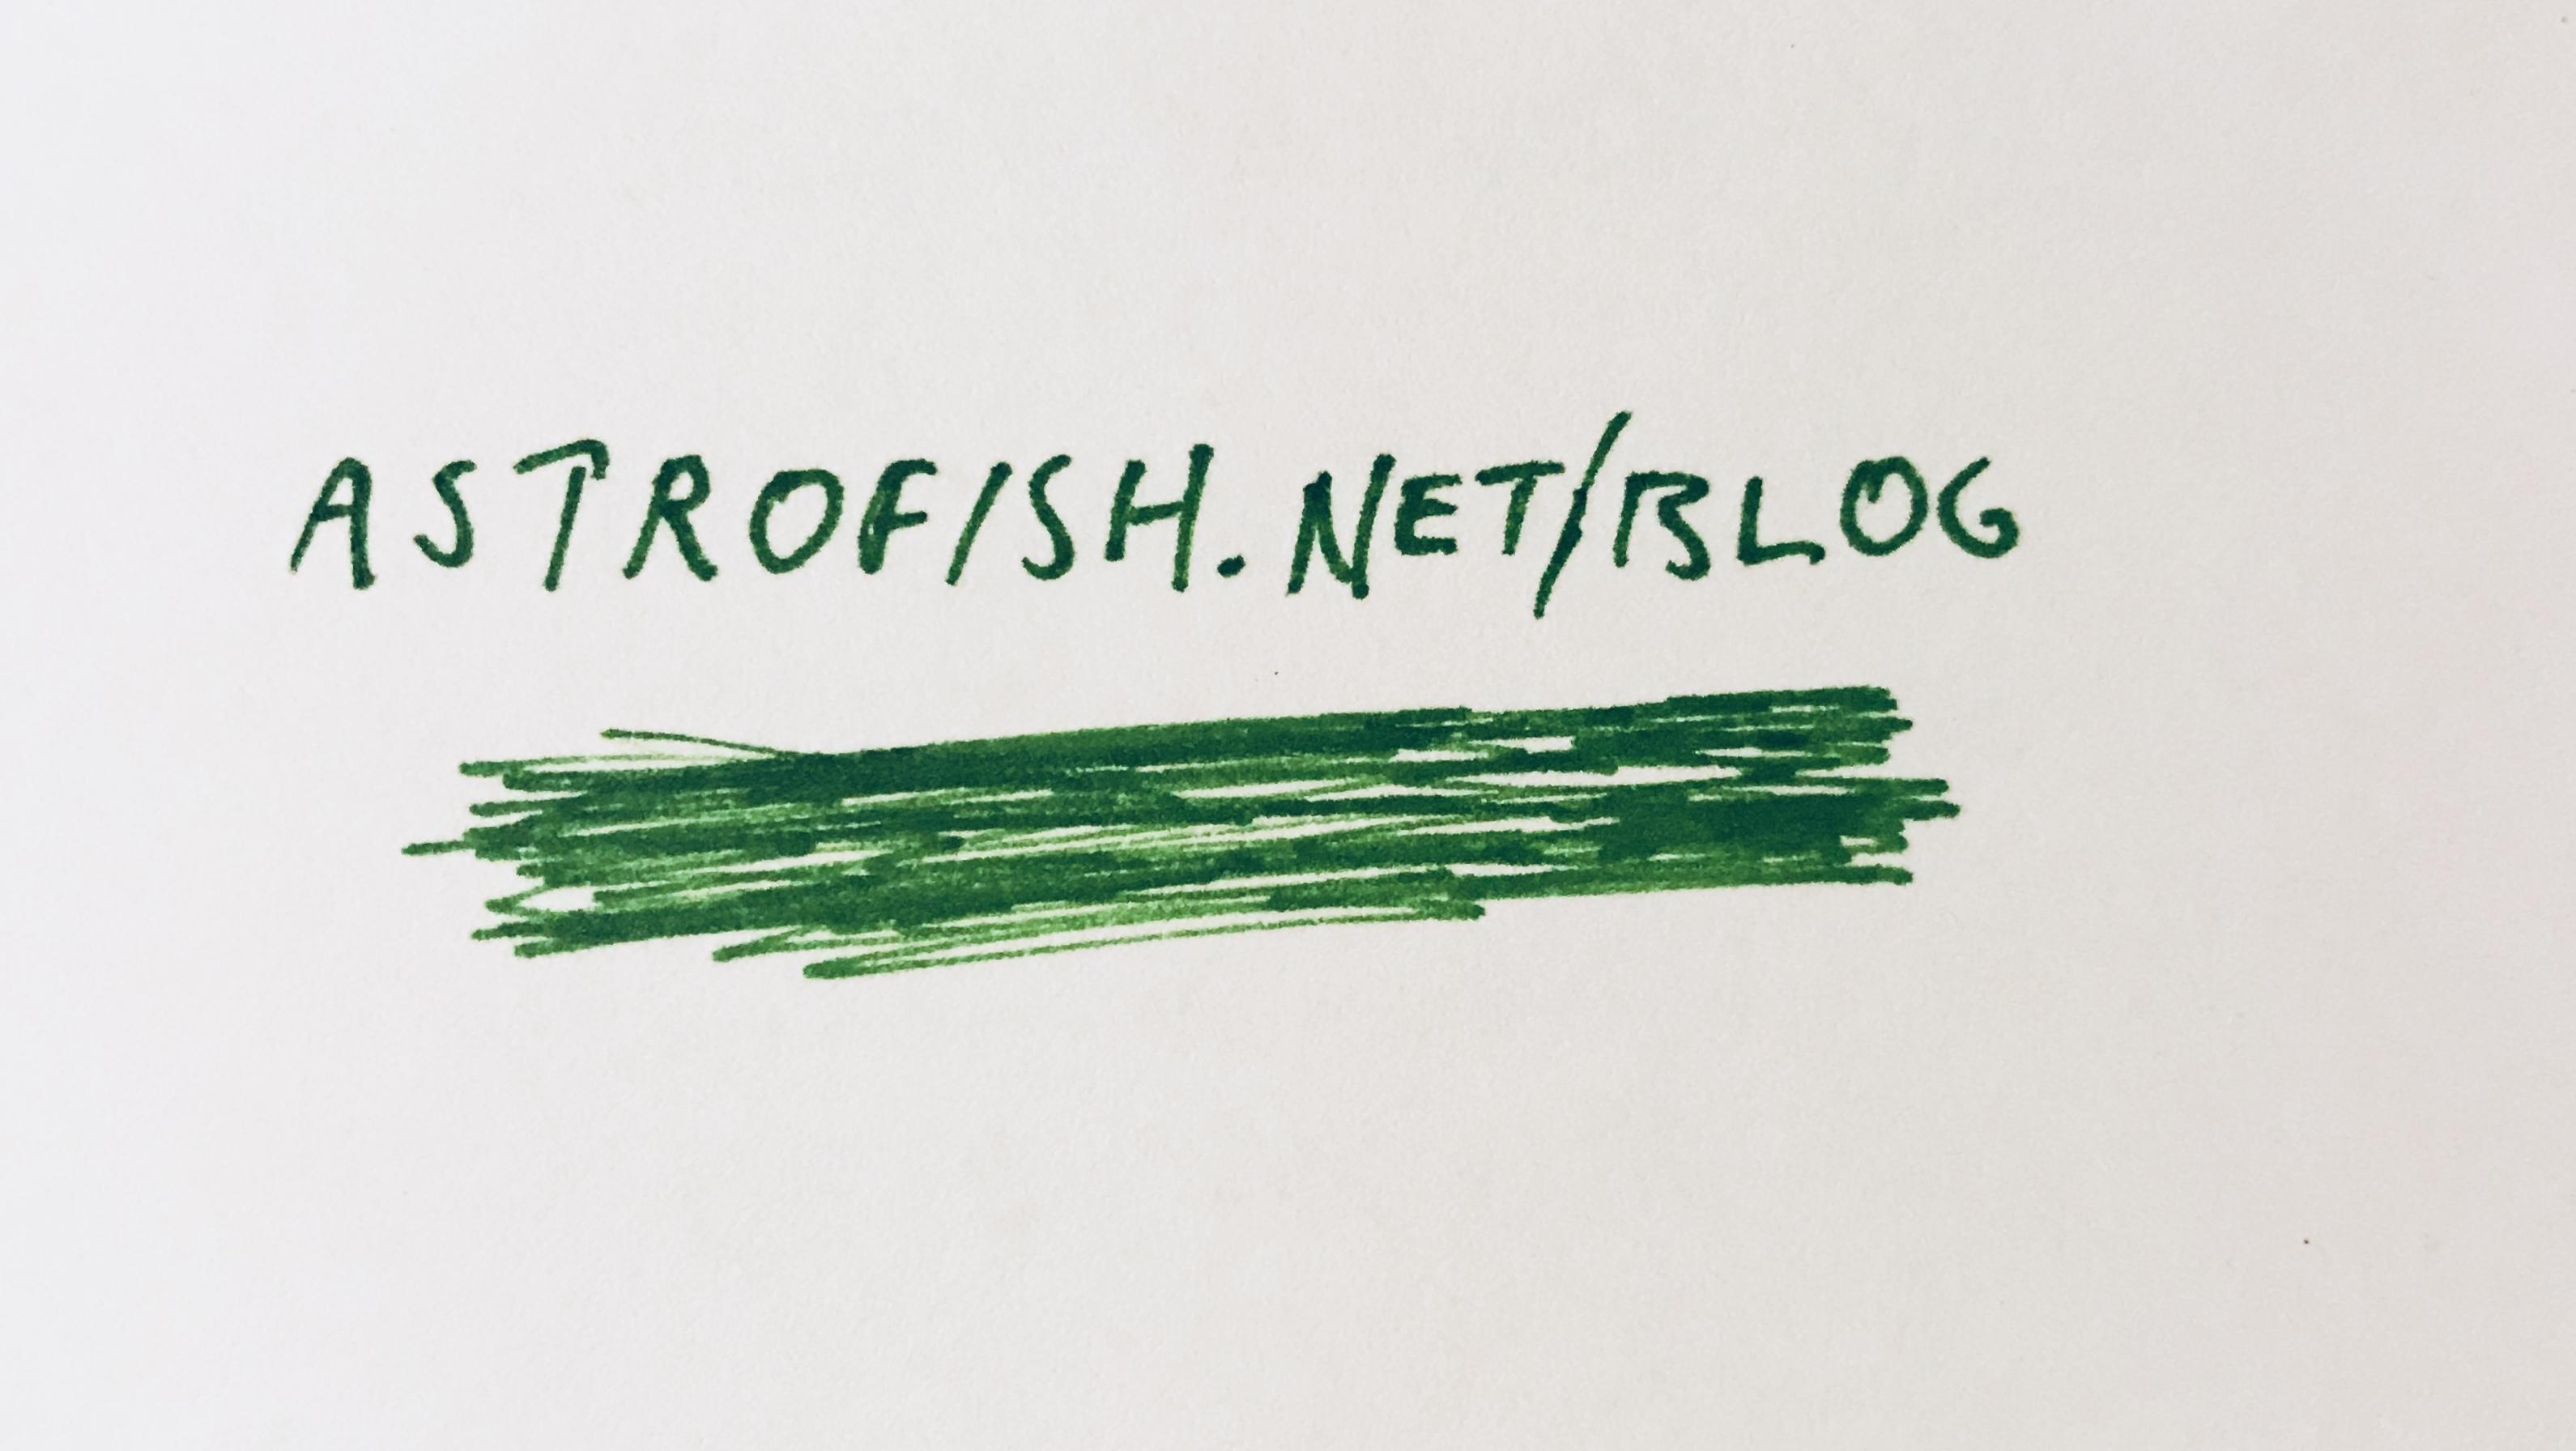 astrofish.net/blog